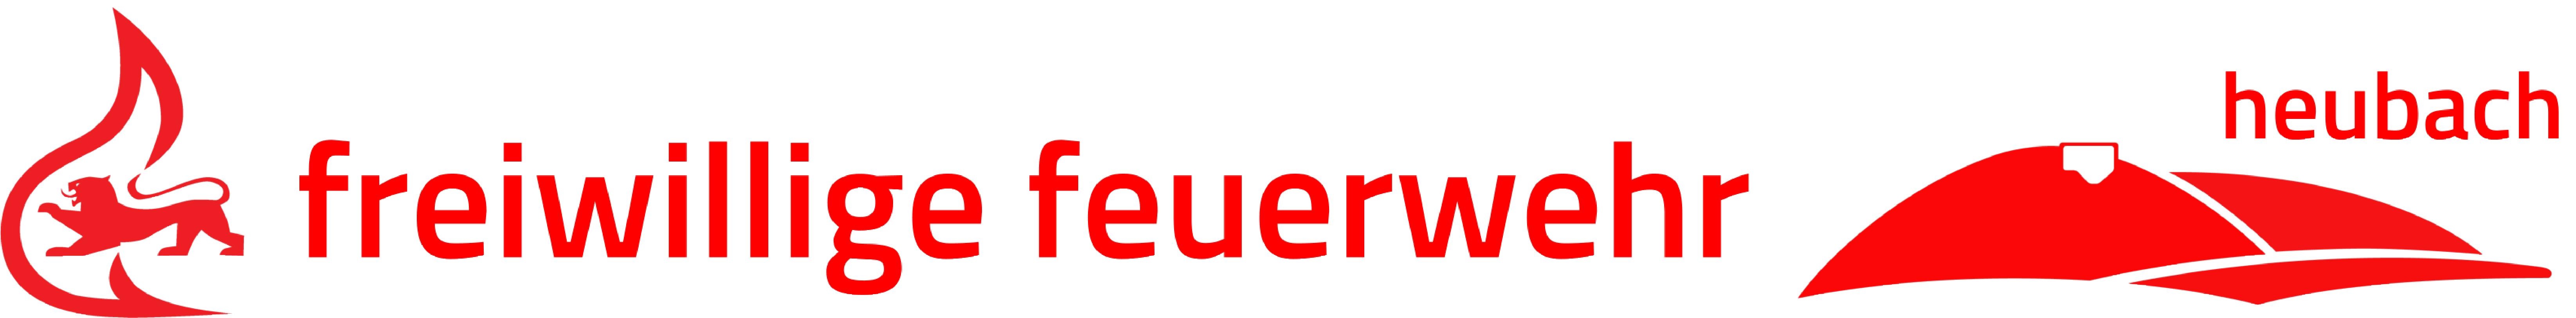 Feuerwehr Heubach